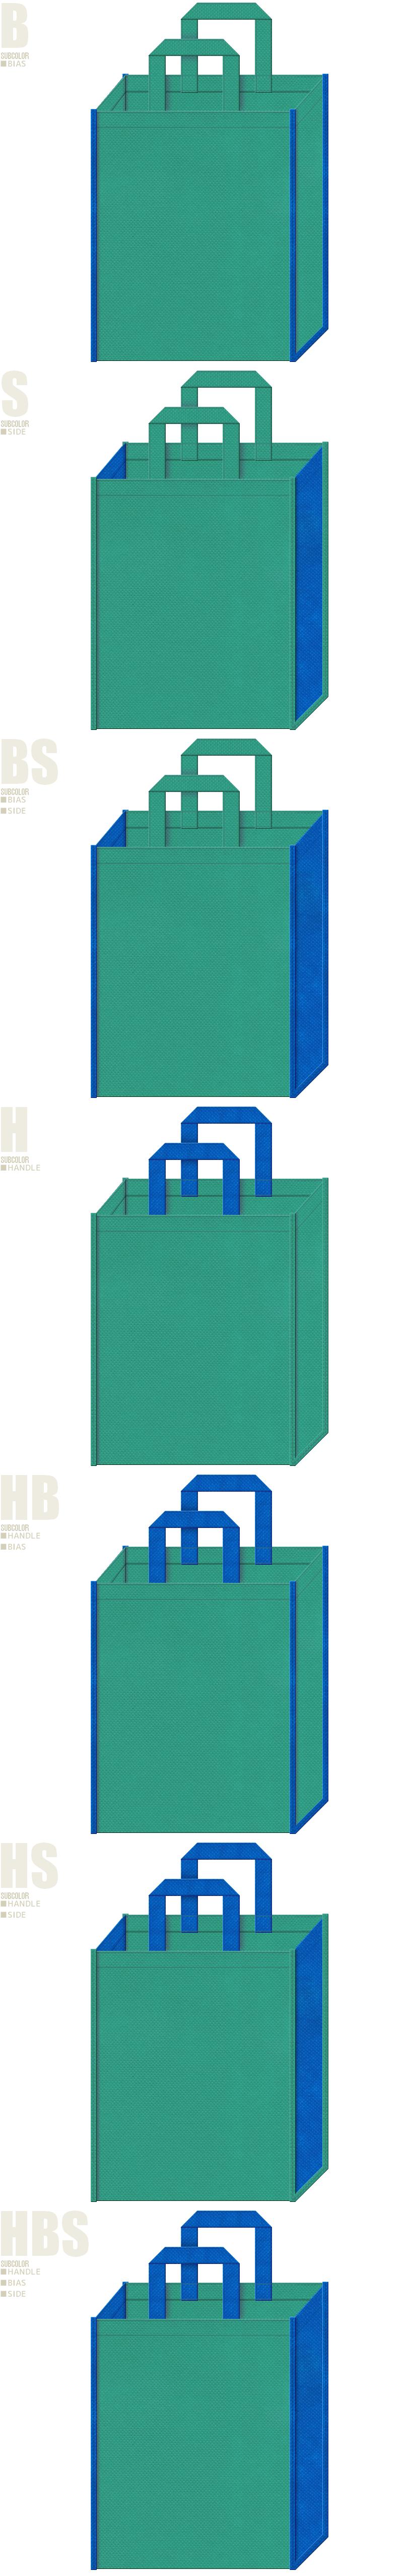 不織布バッグのデザイン:不織布メインカラーNo.31+サブカラーNo.の2色7パターン